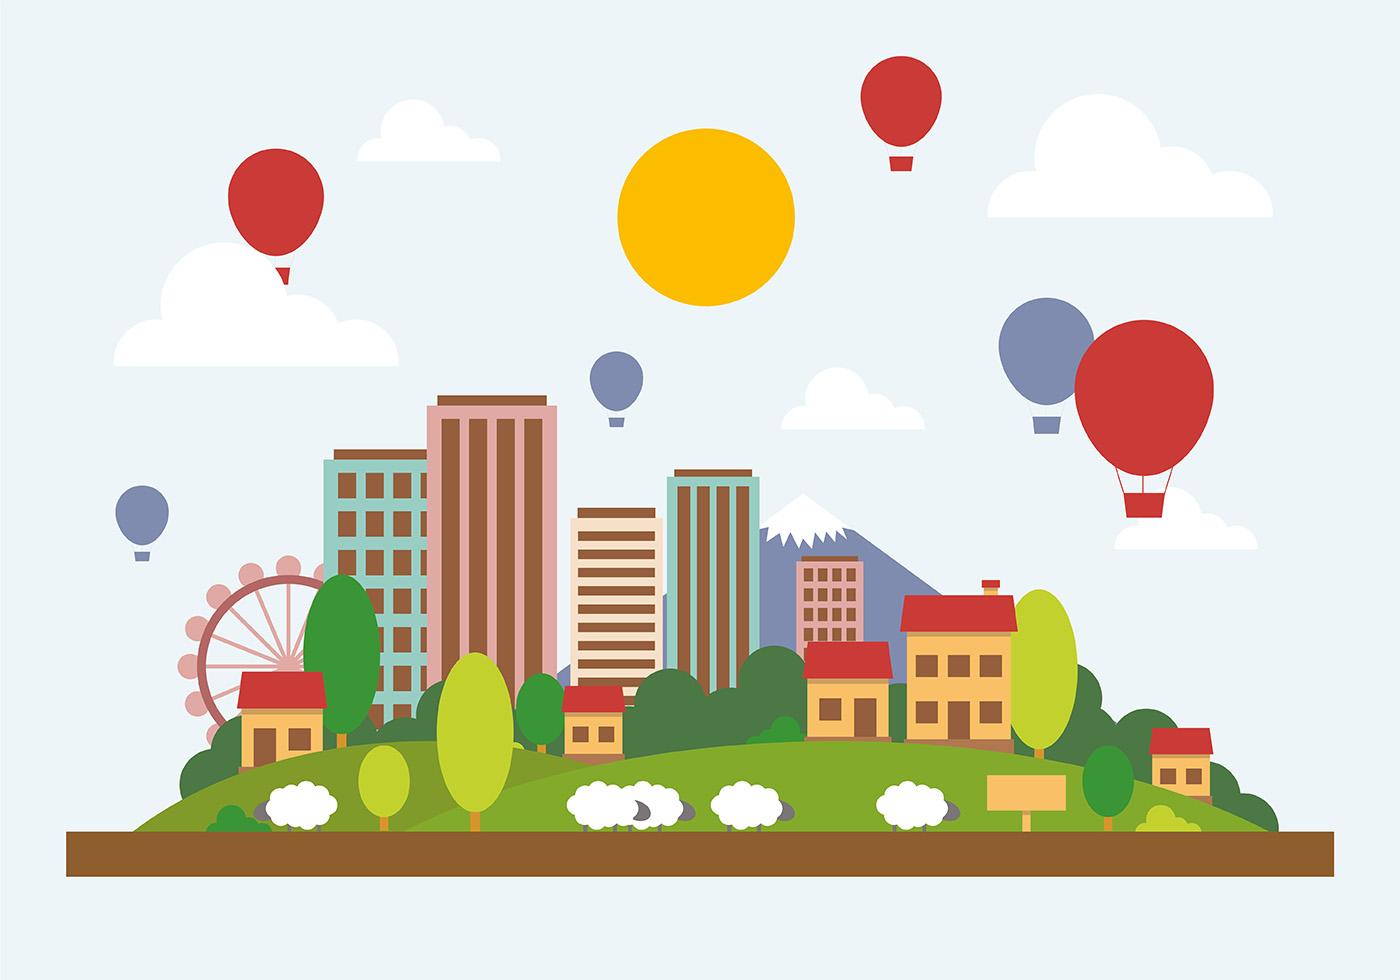 Flat City Landscape Vector Illustration - Download Free ...